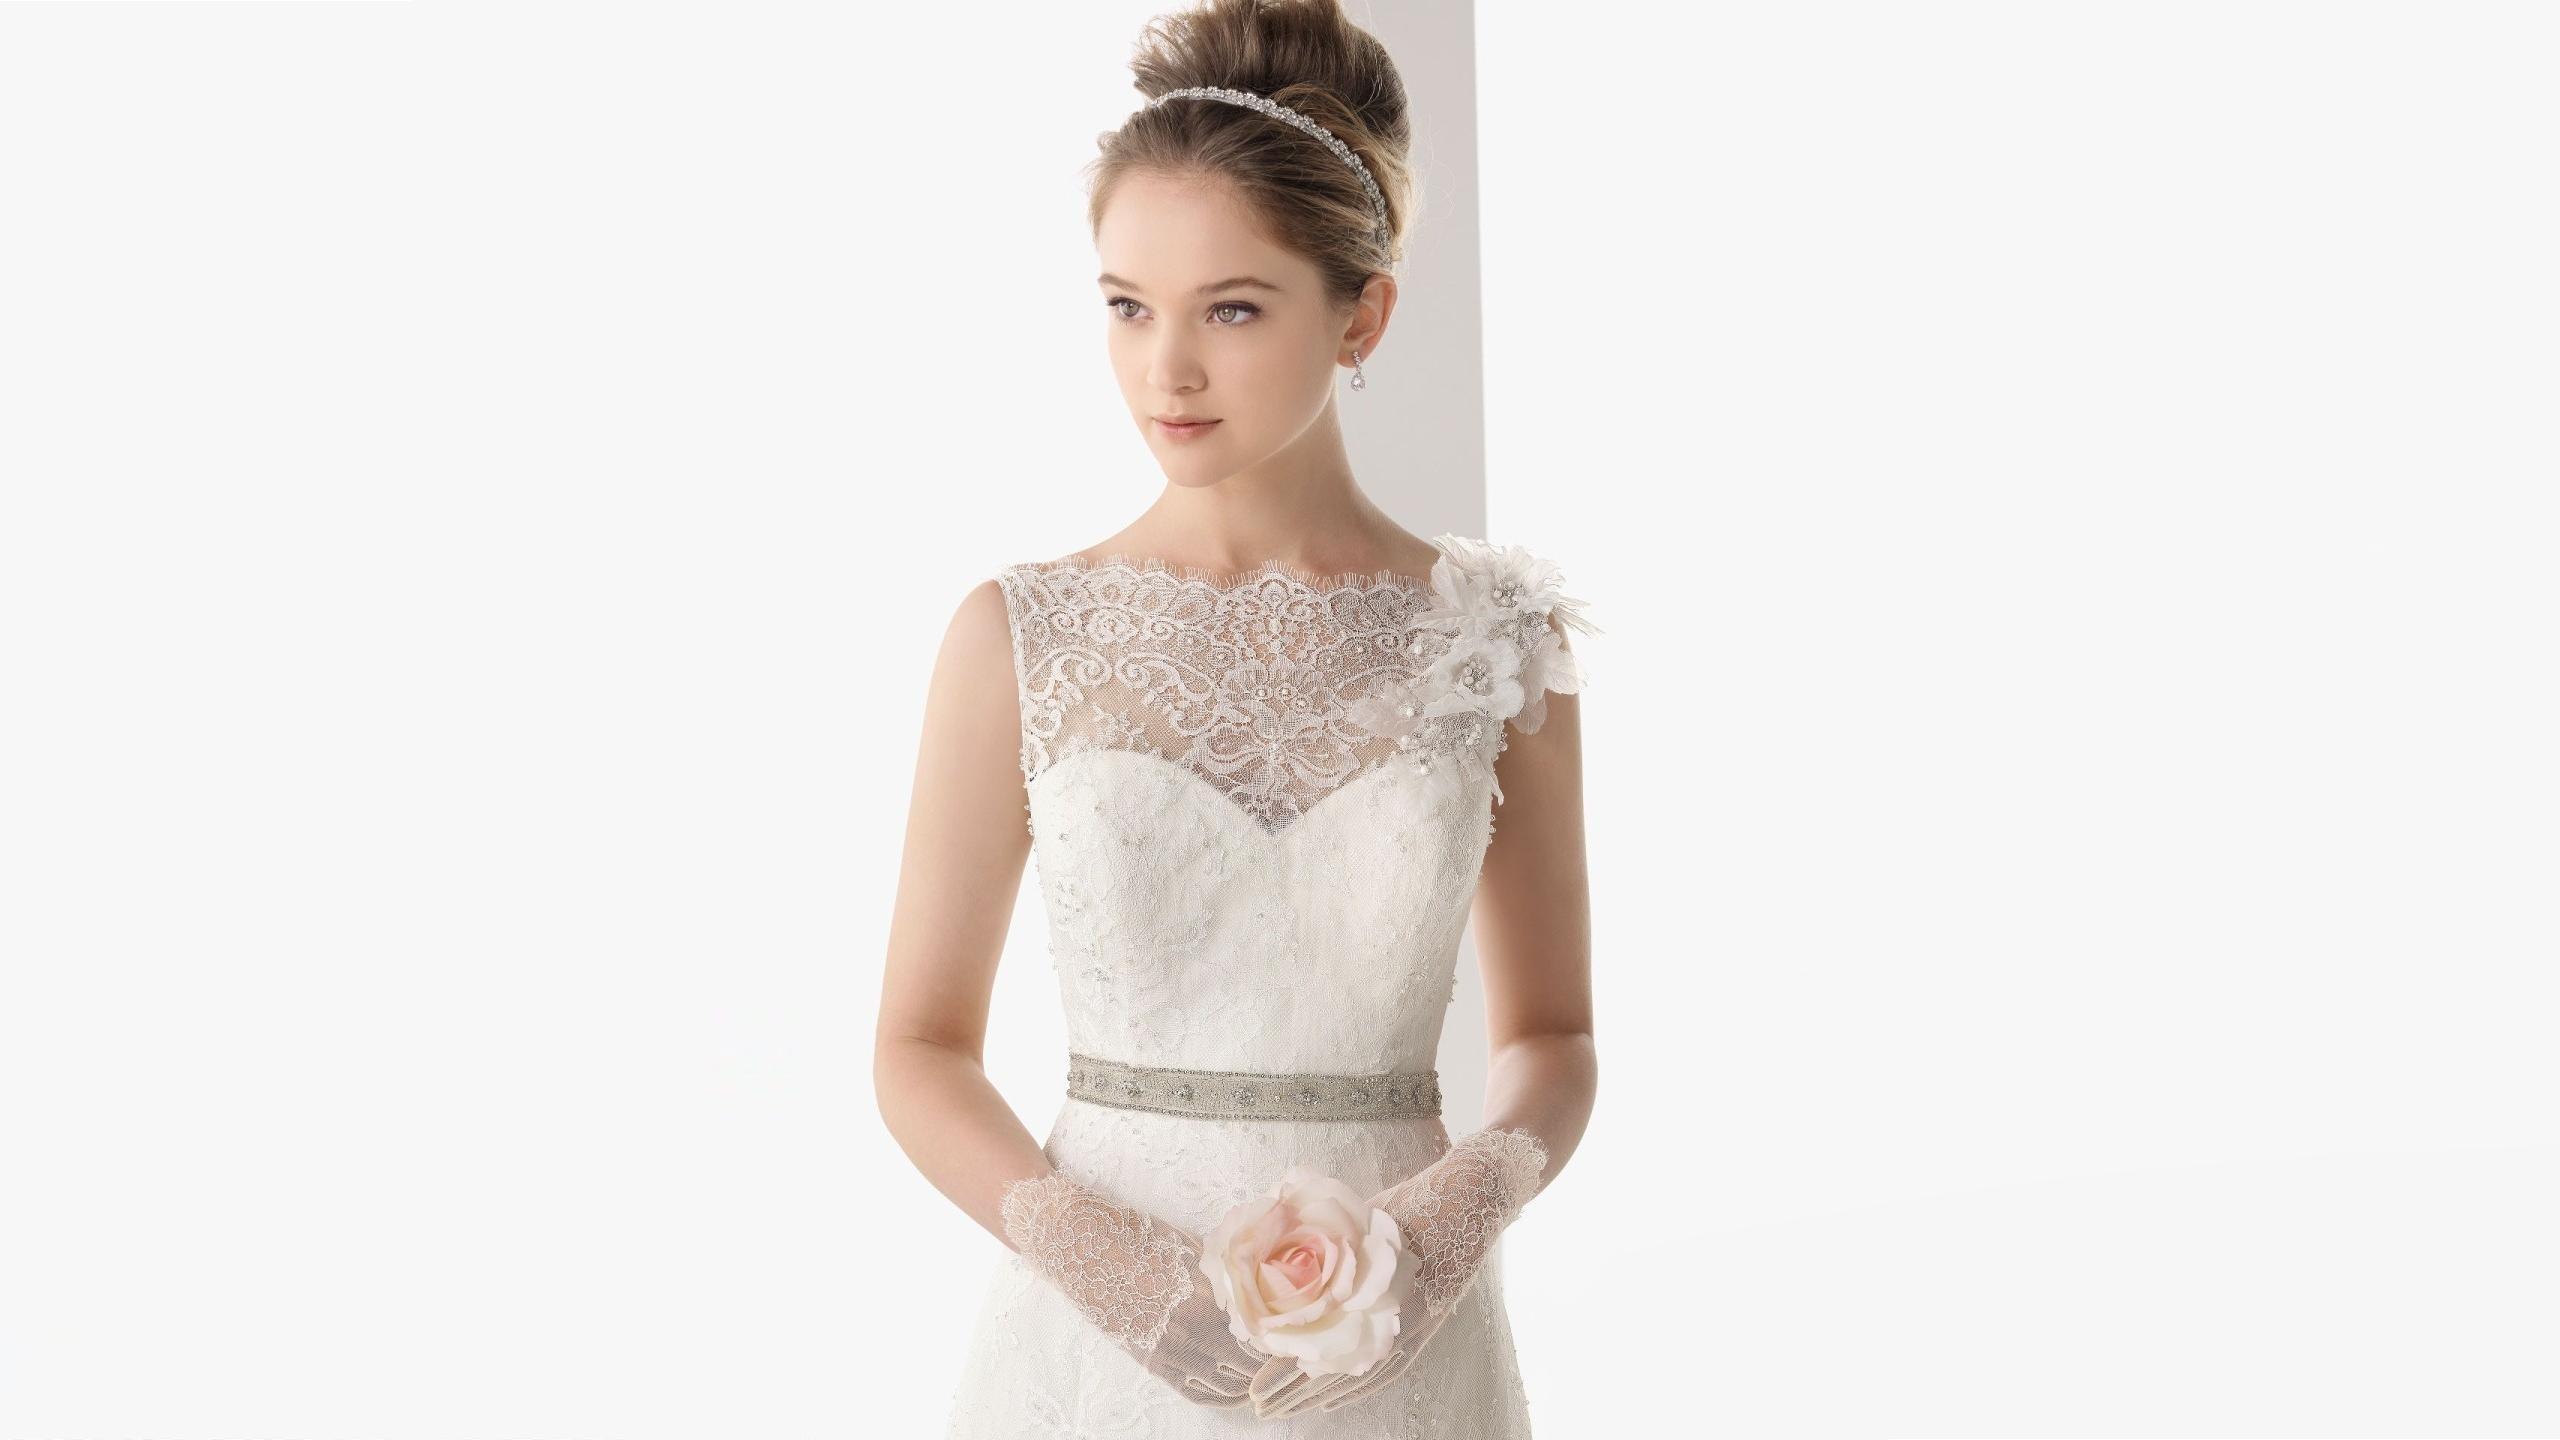 Hintergrundbilder : Weiß, Kleid, Hochzeitskleid, Spitze, Kleidung ...